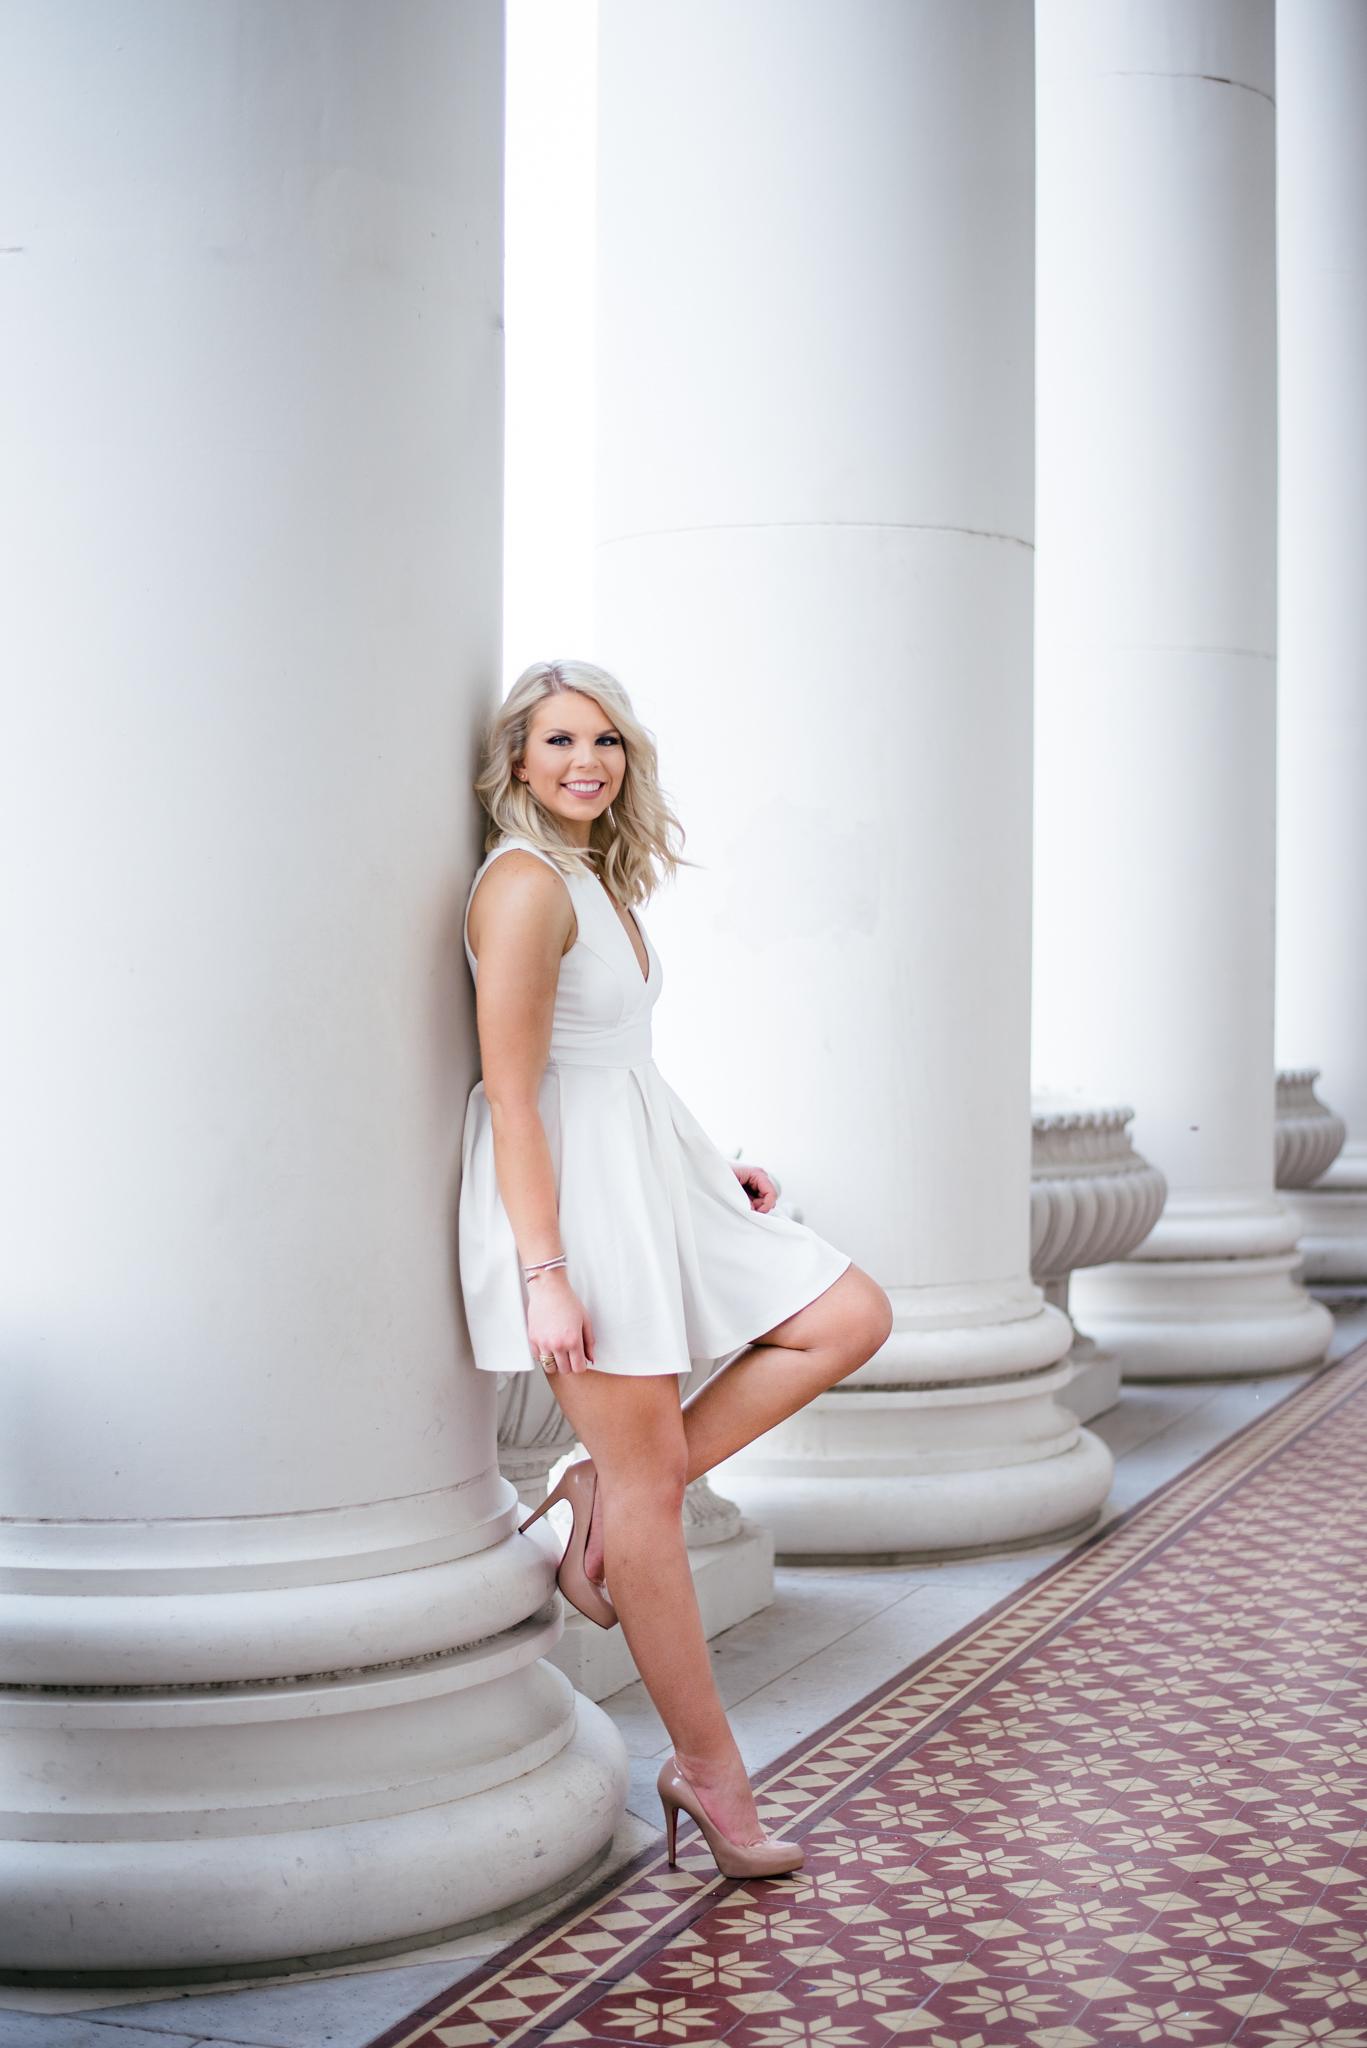 Aggie senior